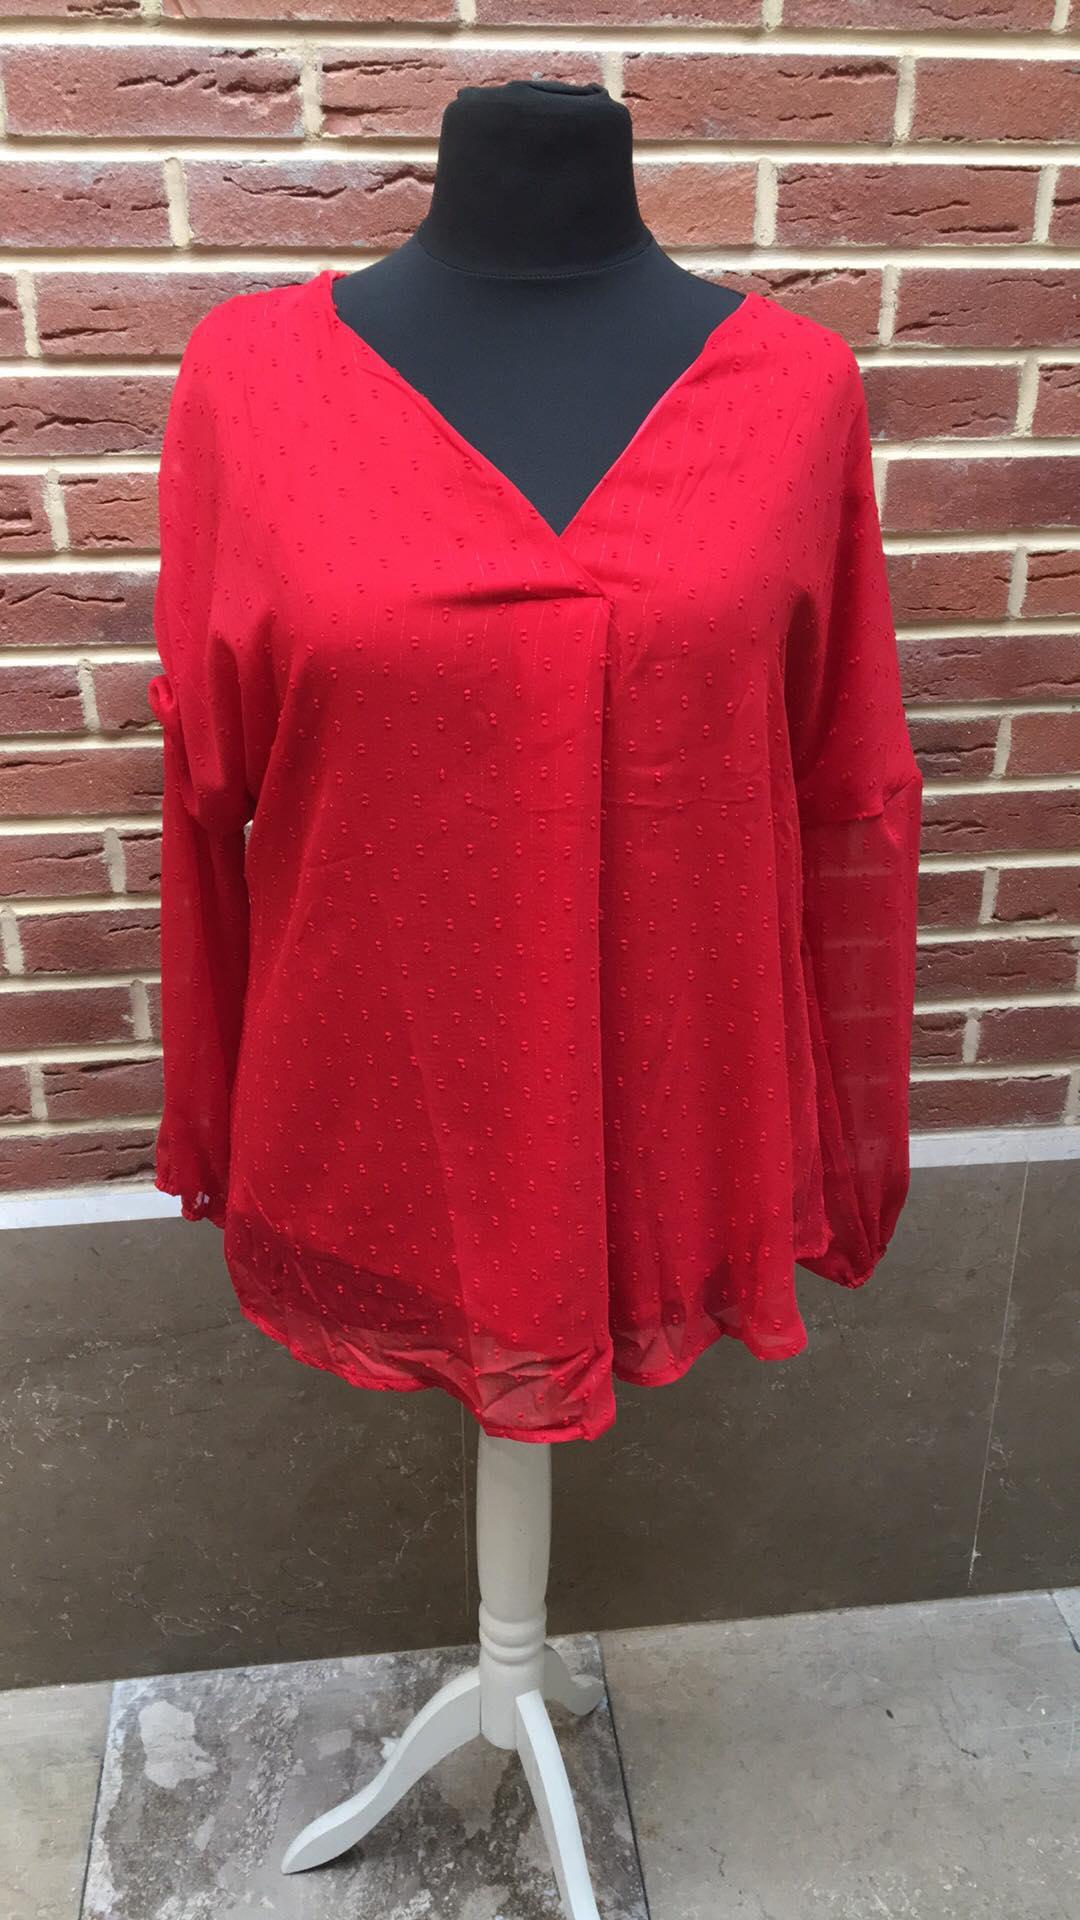 blouse rouge - blou-rou-gt